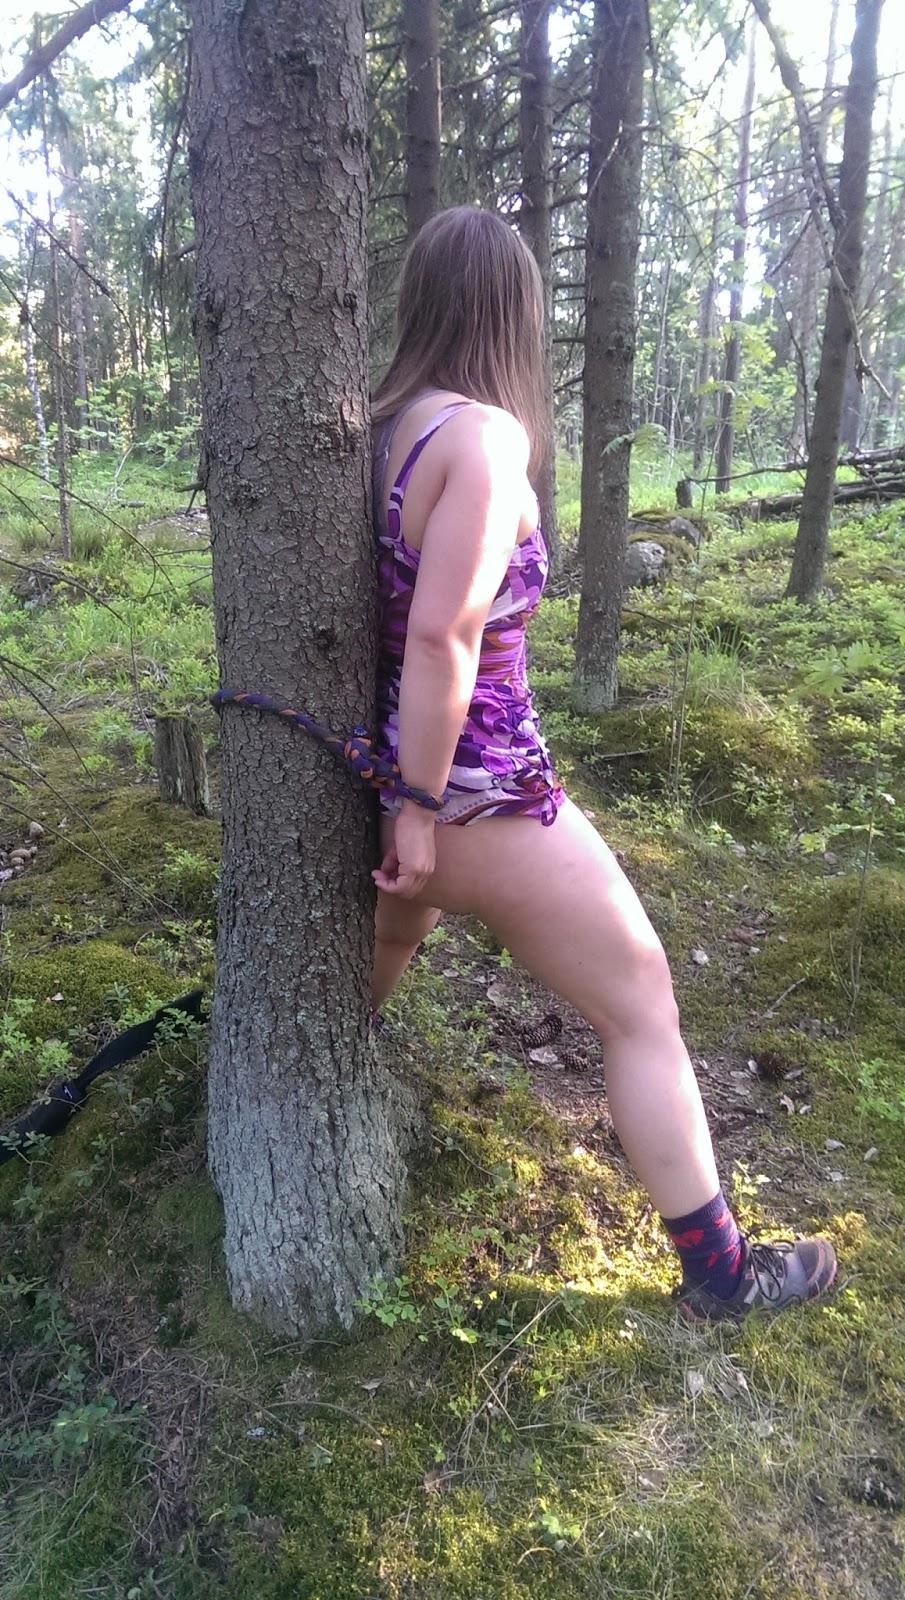 Vanha nainen alasti pusku reikä-8395